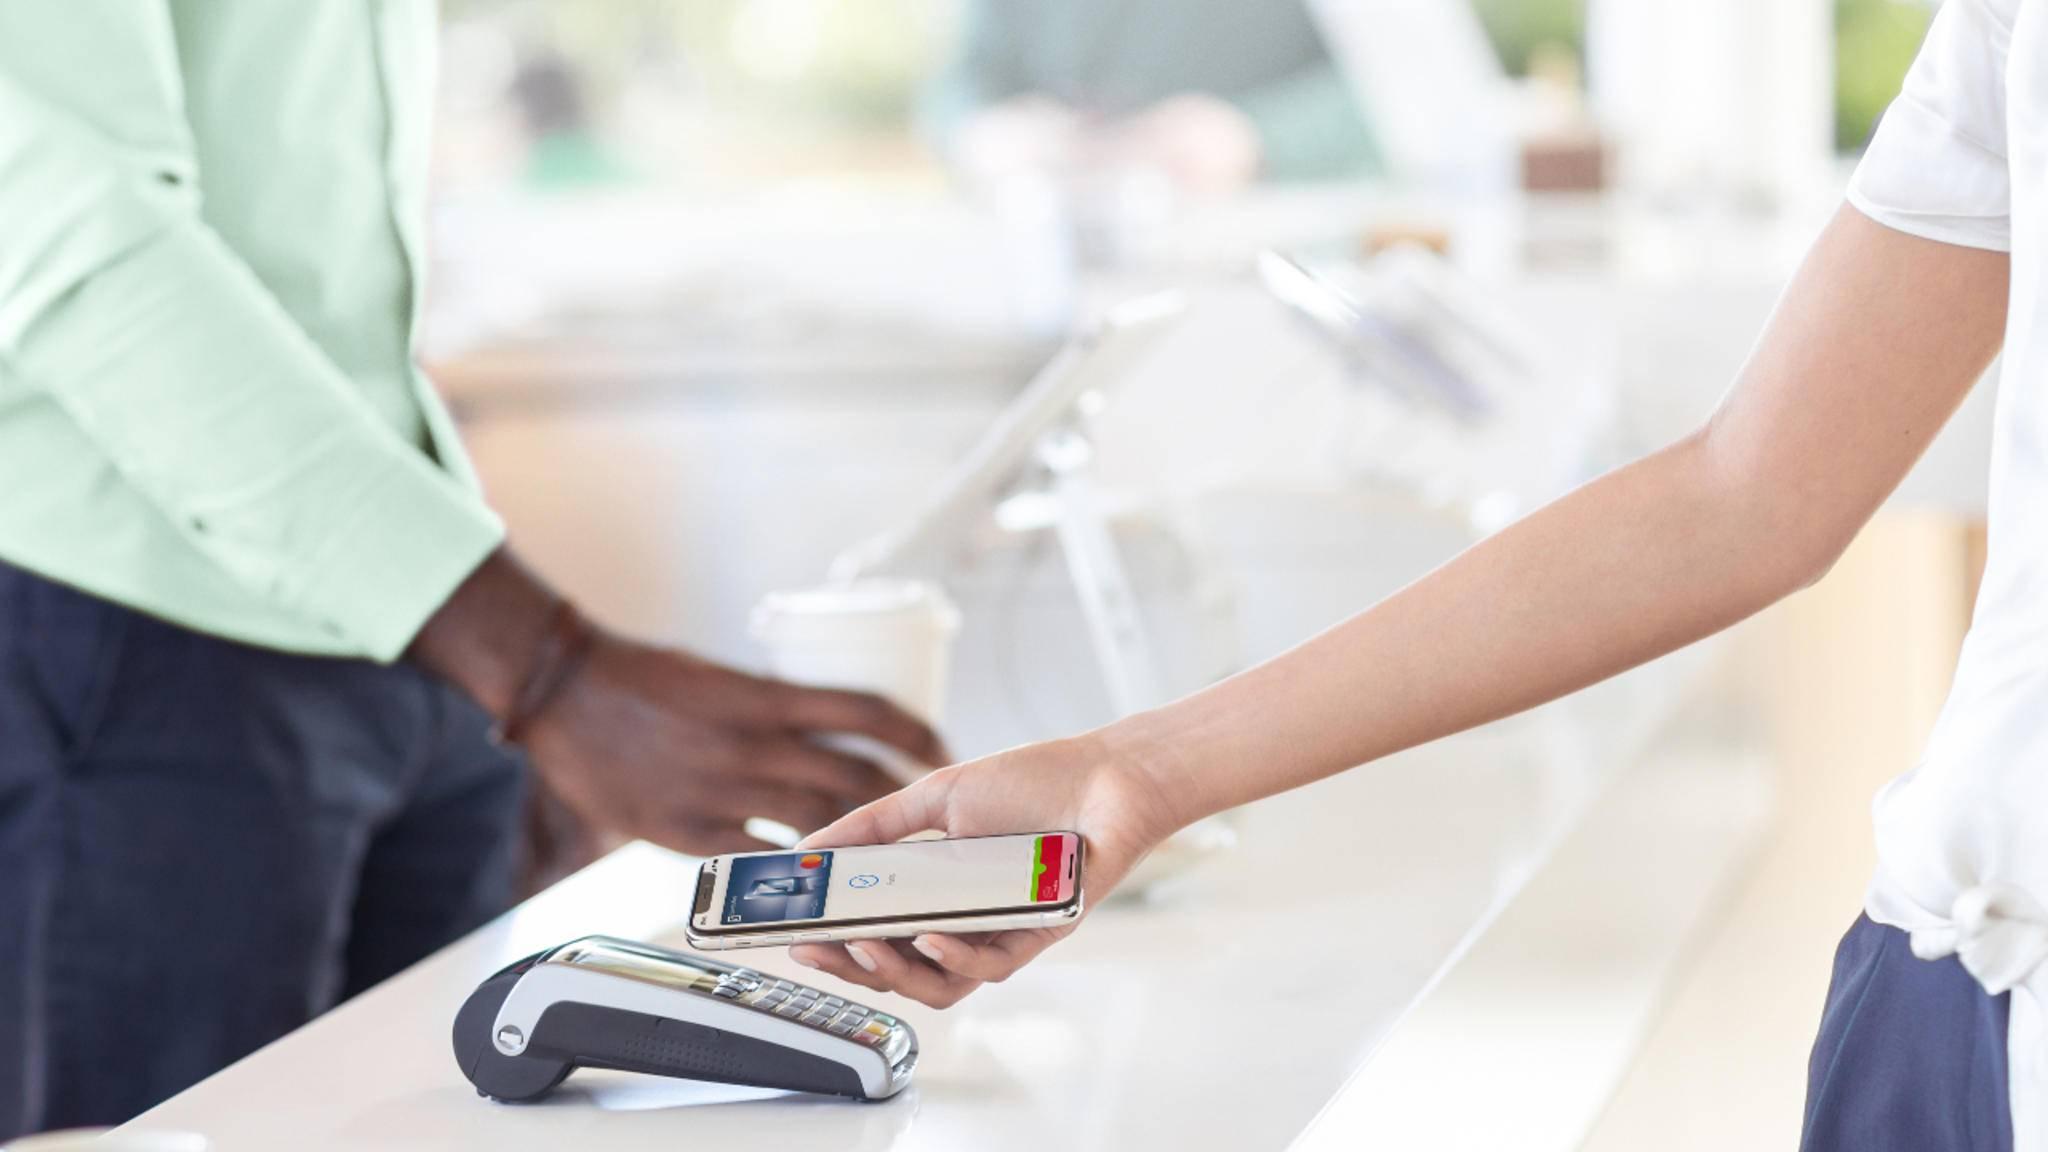 Ein neues Feature in der iOS 14 Beta erweitert die Bezahlmöglichkeiten von Apple Pay.